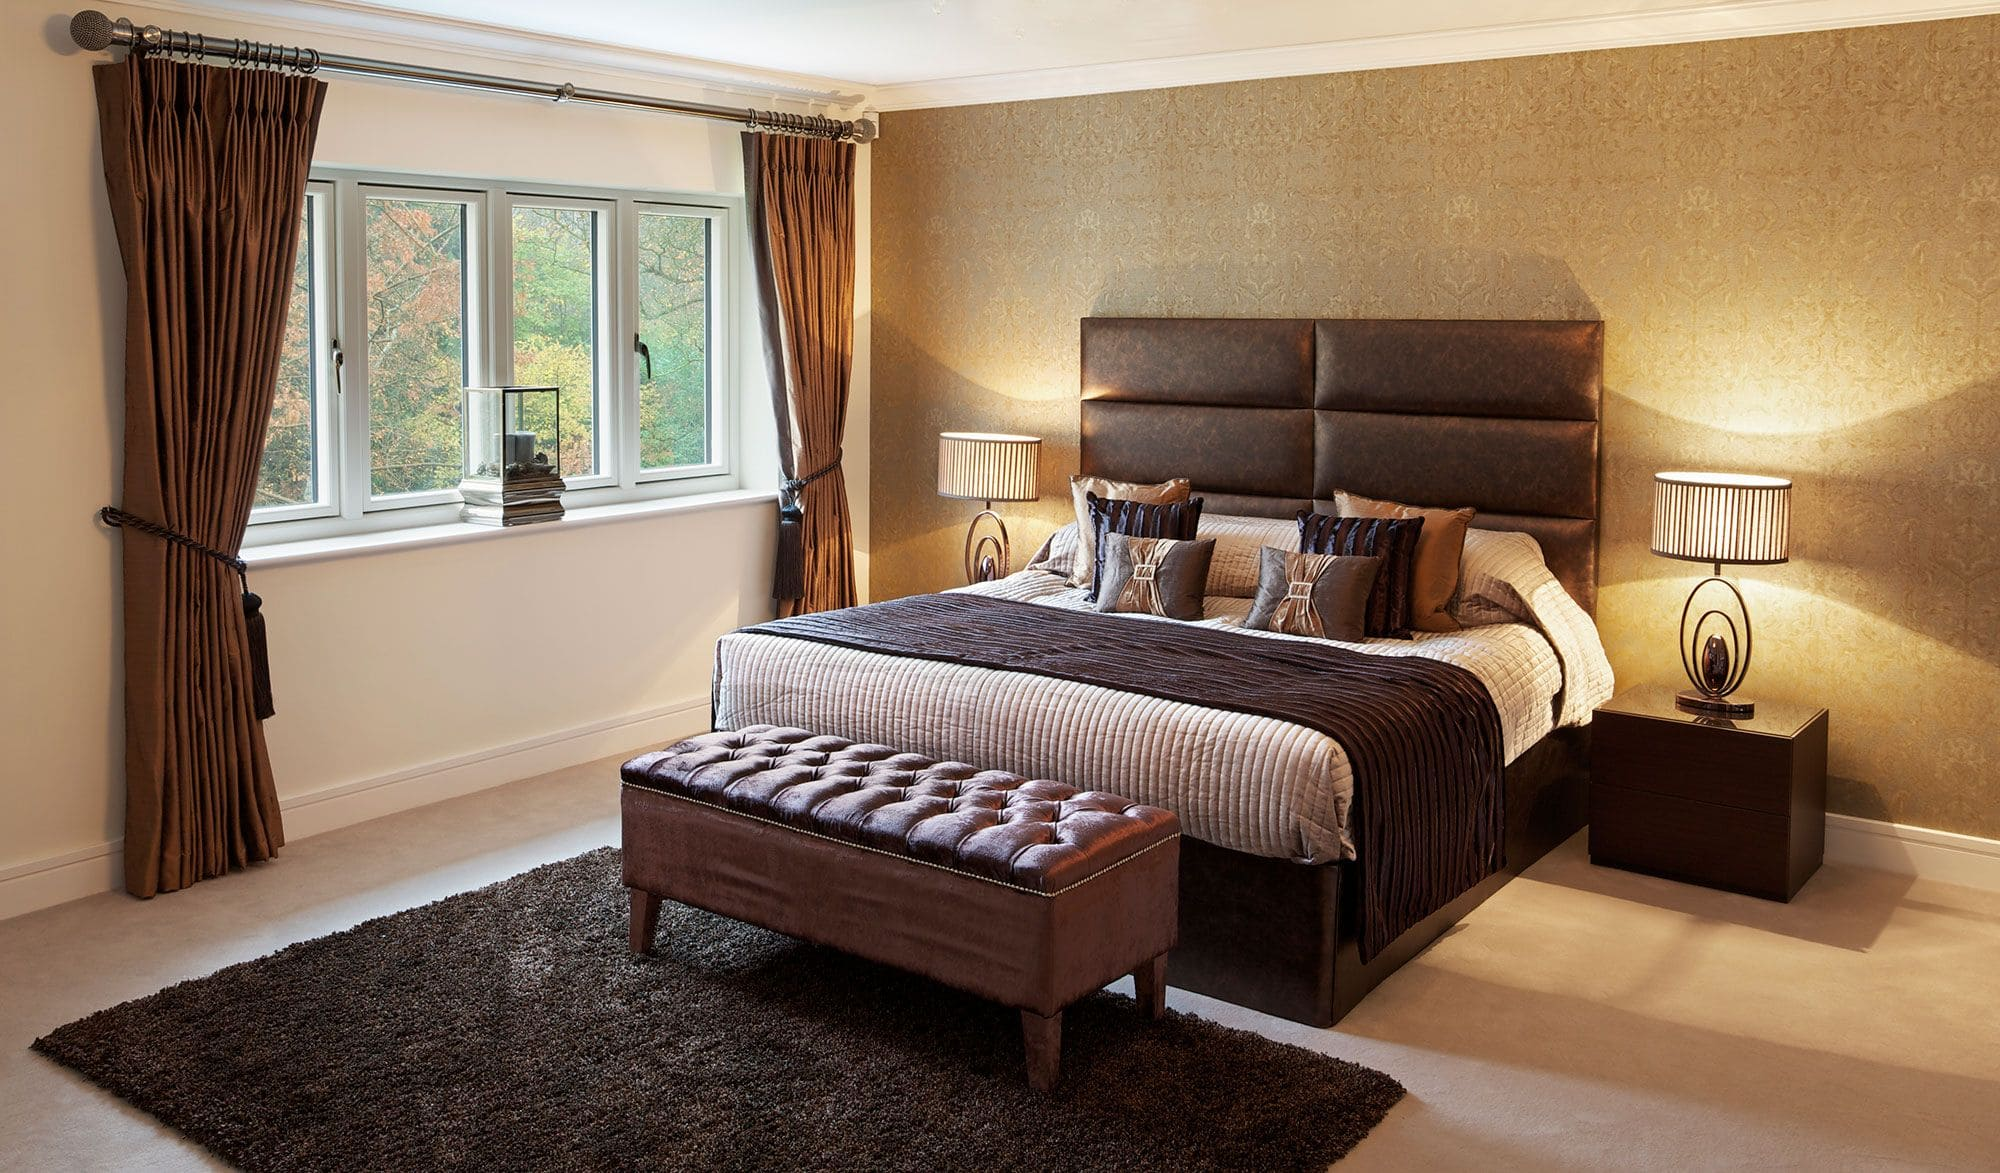 decoración dormitorio elegante y actual con cabecero de piel